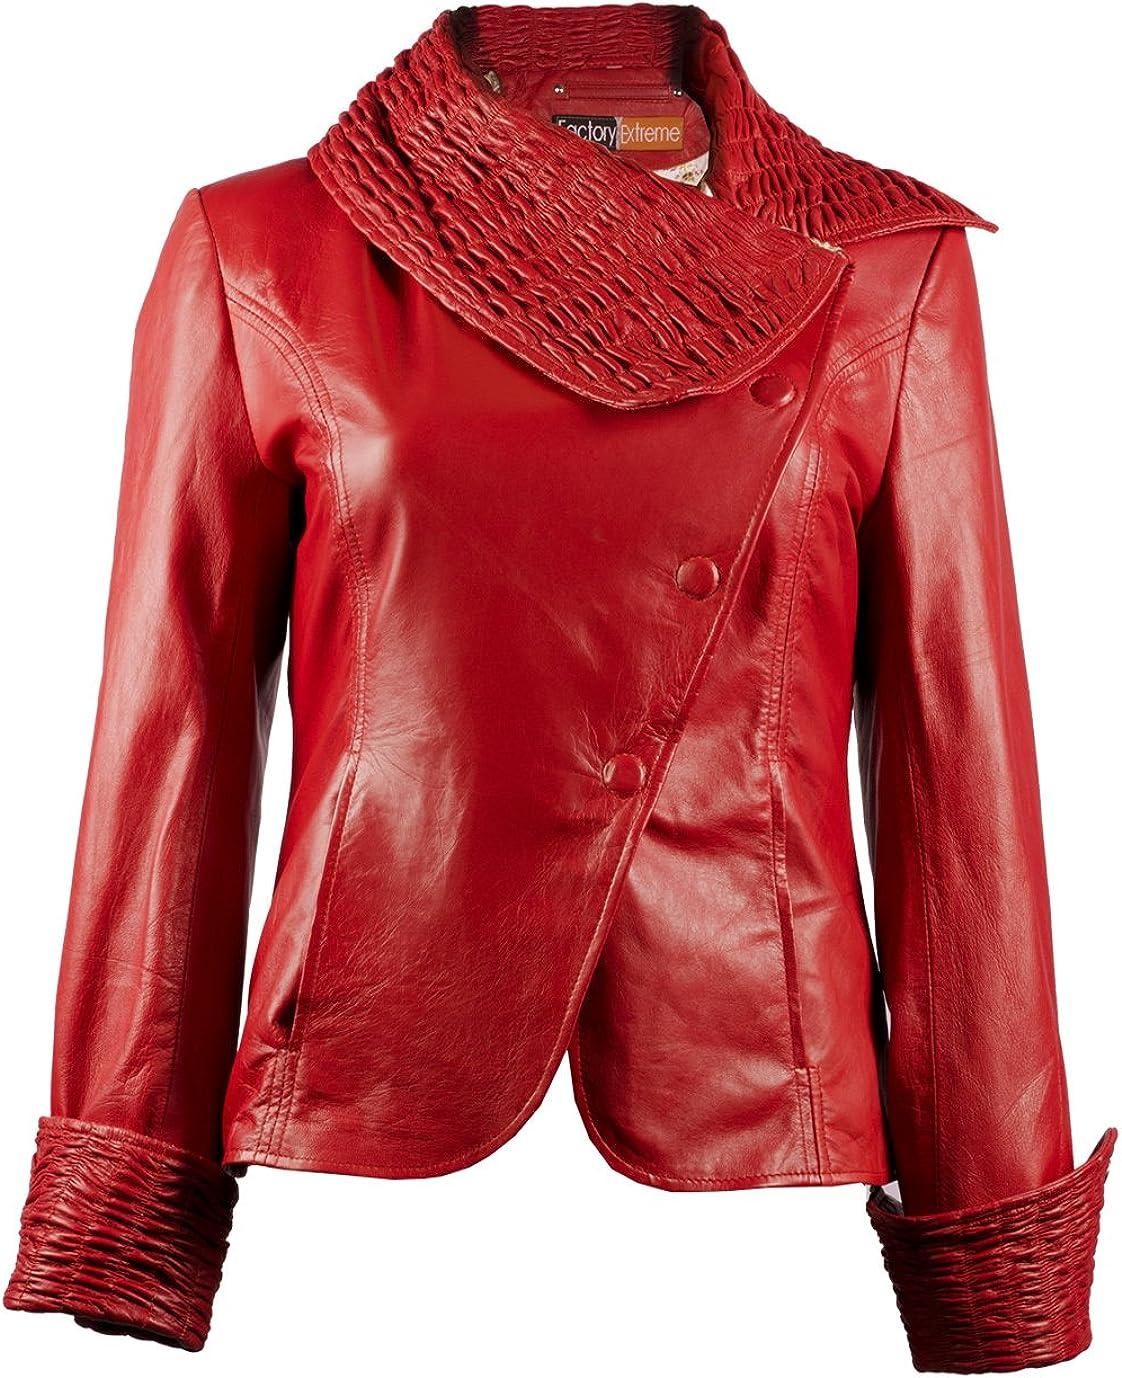 FE Ruche Red Leather Jacket Blazer for Women | Single-Breasted Stylish Ladies Coat Jacket